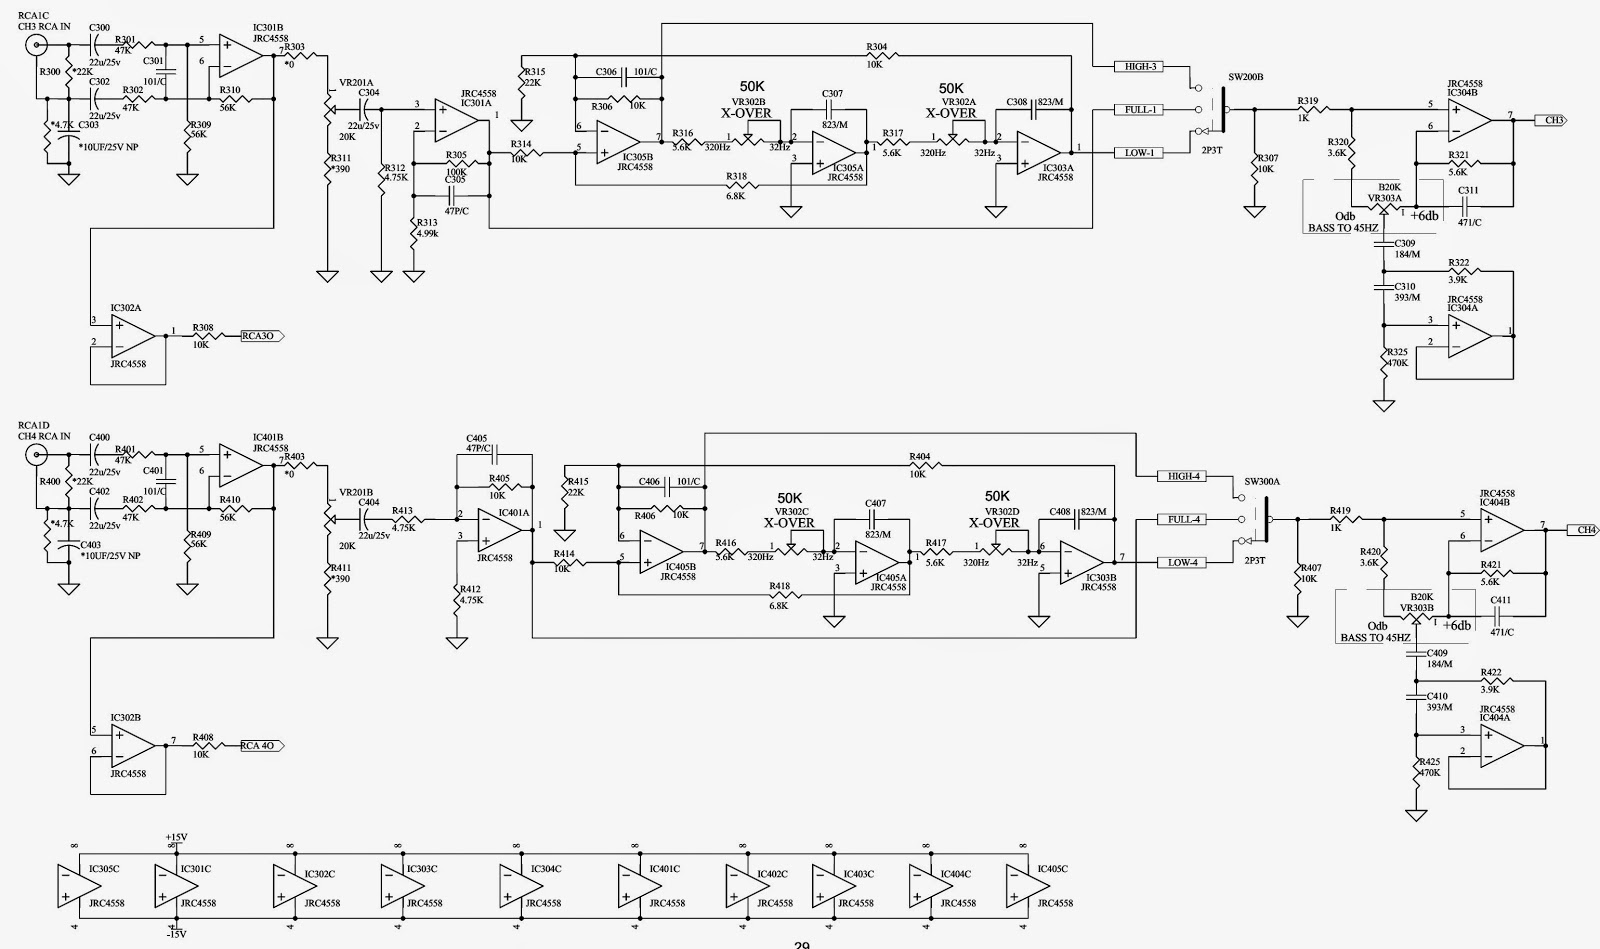 jbl marine stereo wiring diagram besides dual car stereo wiringjbl marine stereo wiring diagram understanding electrical drawingsjbl marine stereo wiring diagram wiring diagramjbl marine stereo